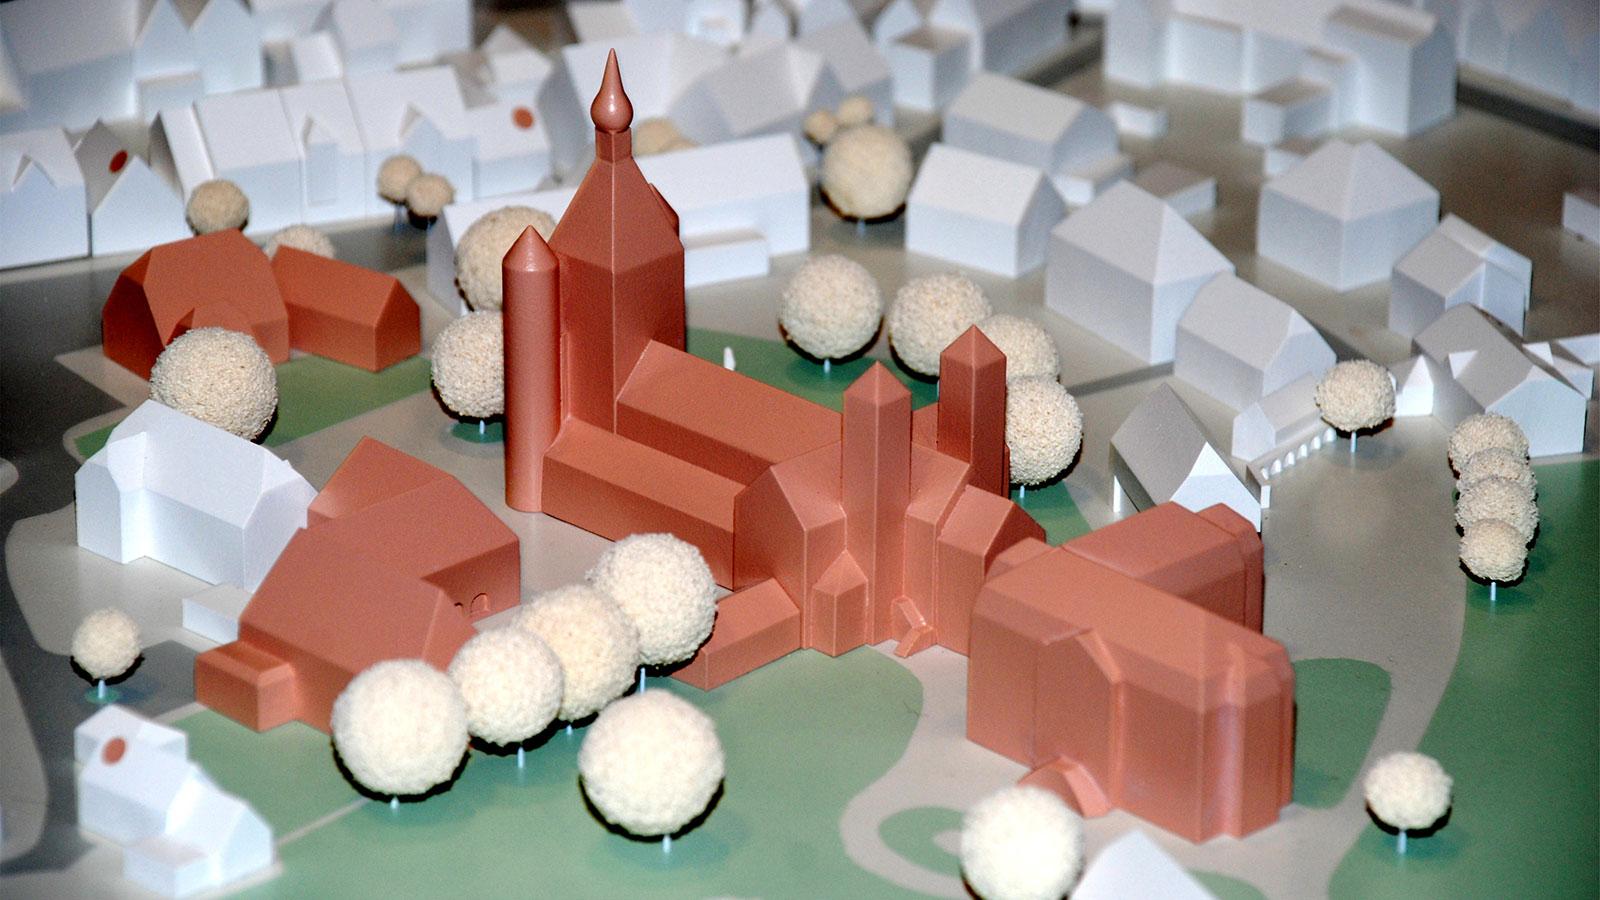 Modell vom Ortskern Freckenhorst